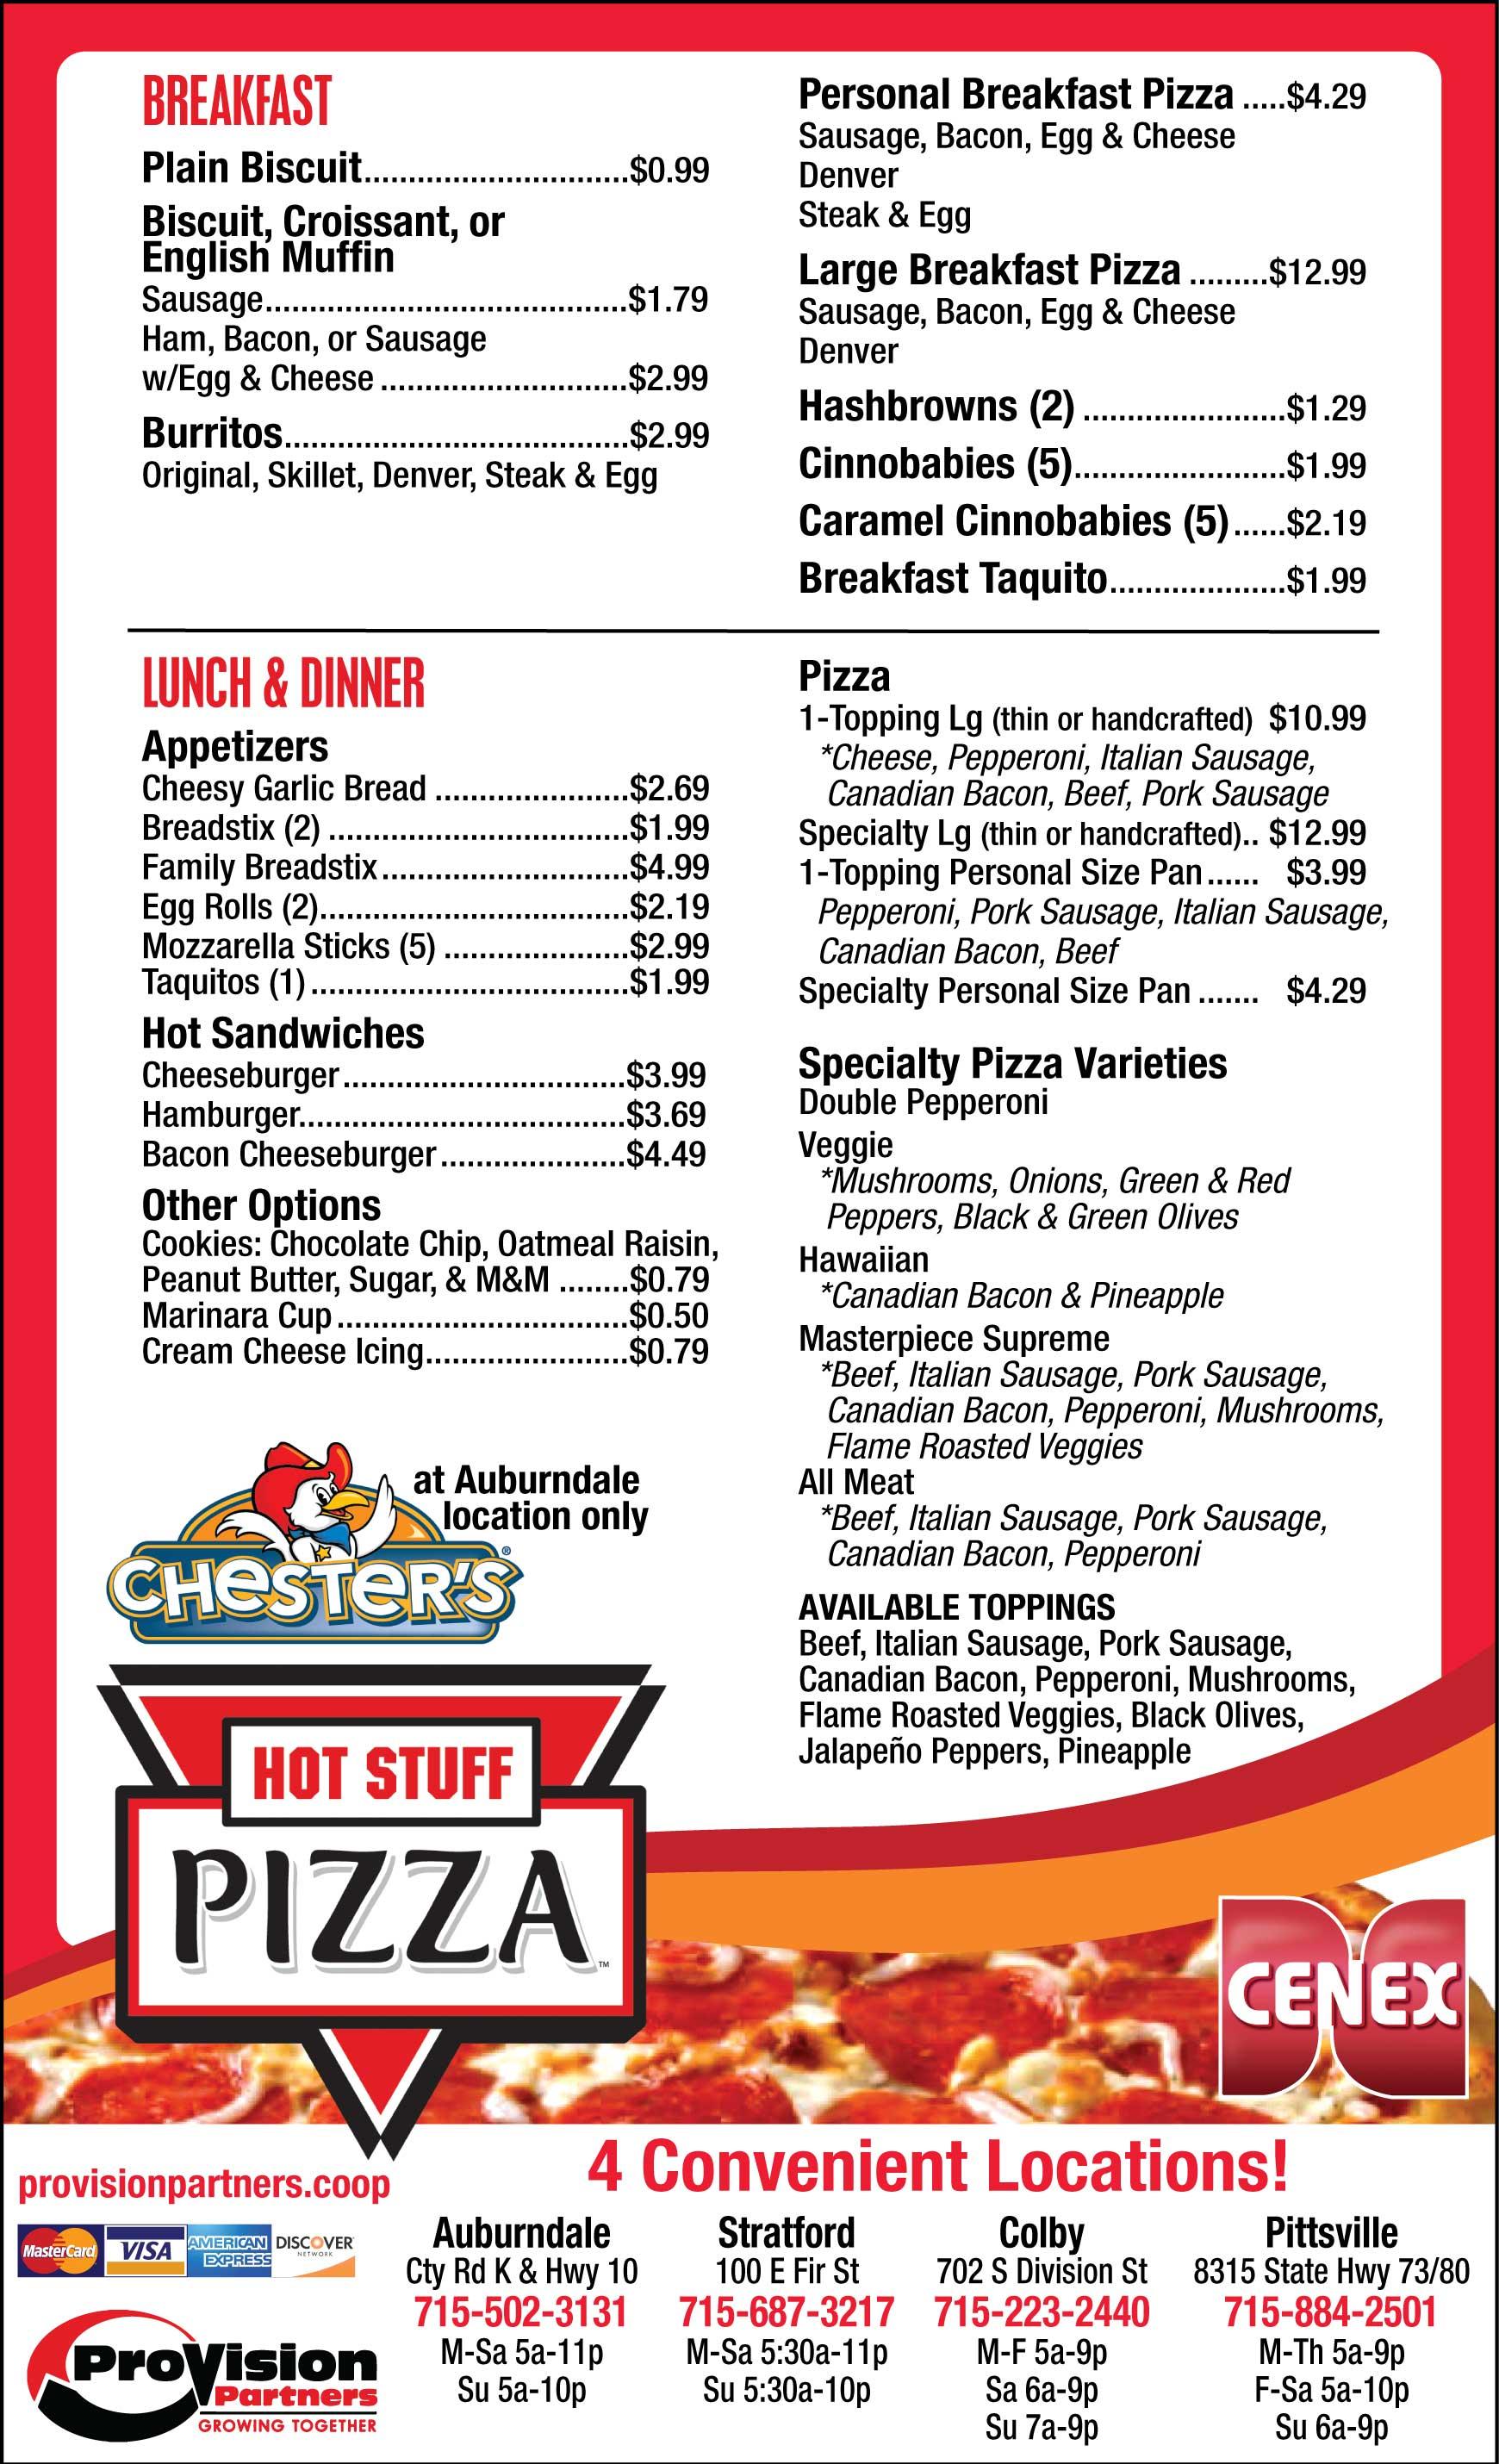 Hot Stuff Pizza Cenex Convenience Store Menu Restaurant Marshfield WI